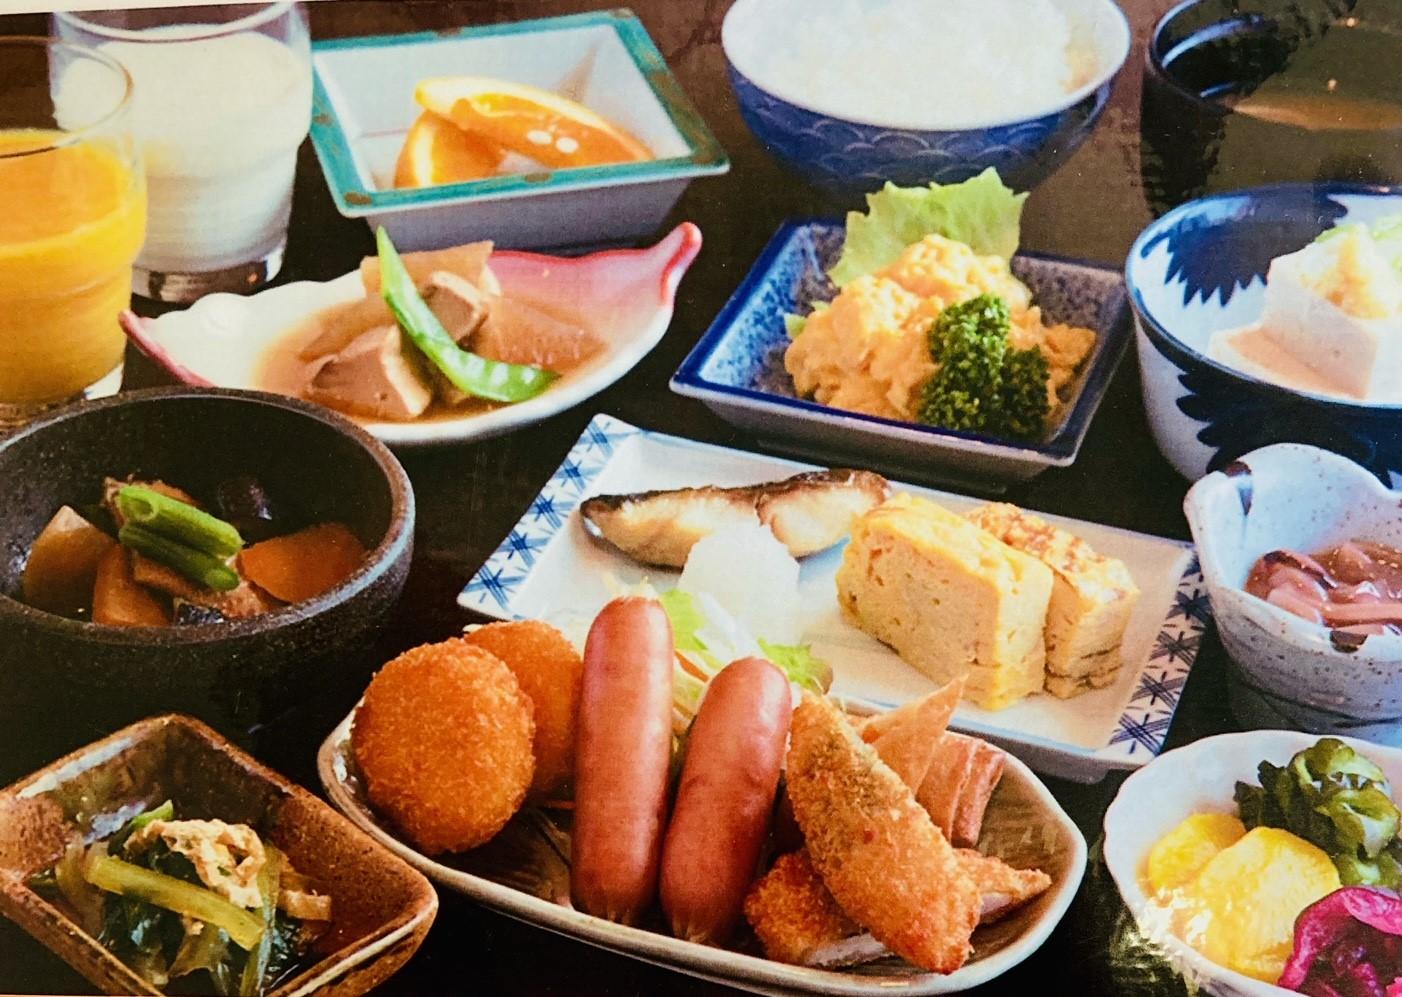 ホテル ハミルトン札幌 / 【朝食付】素朴な手作りの味。ハミルトンの朝食付プラン☆